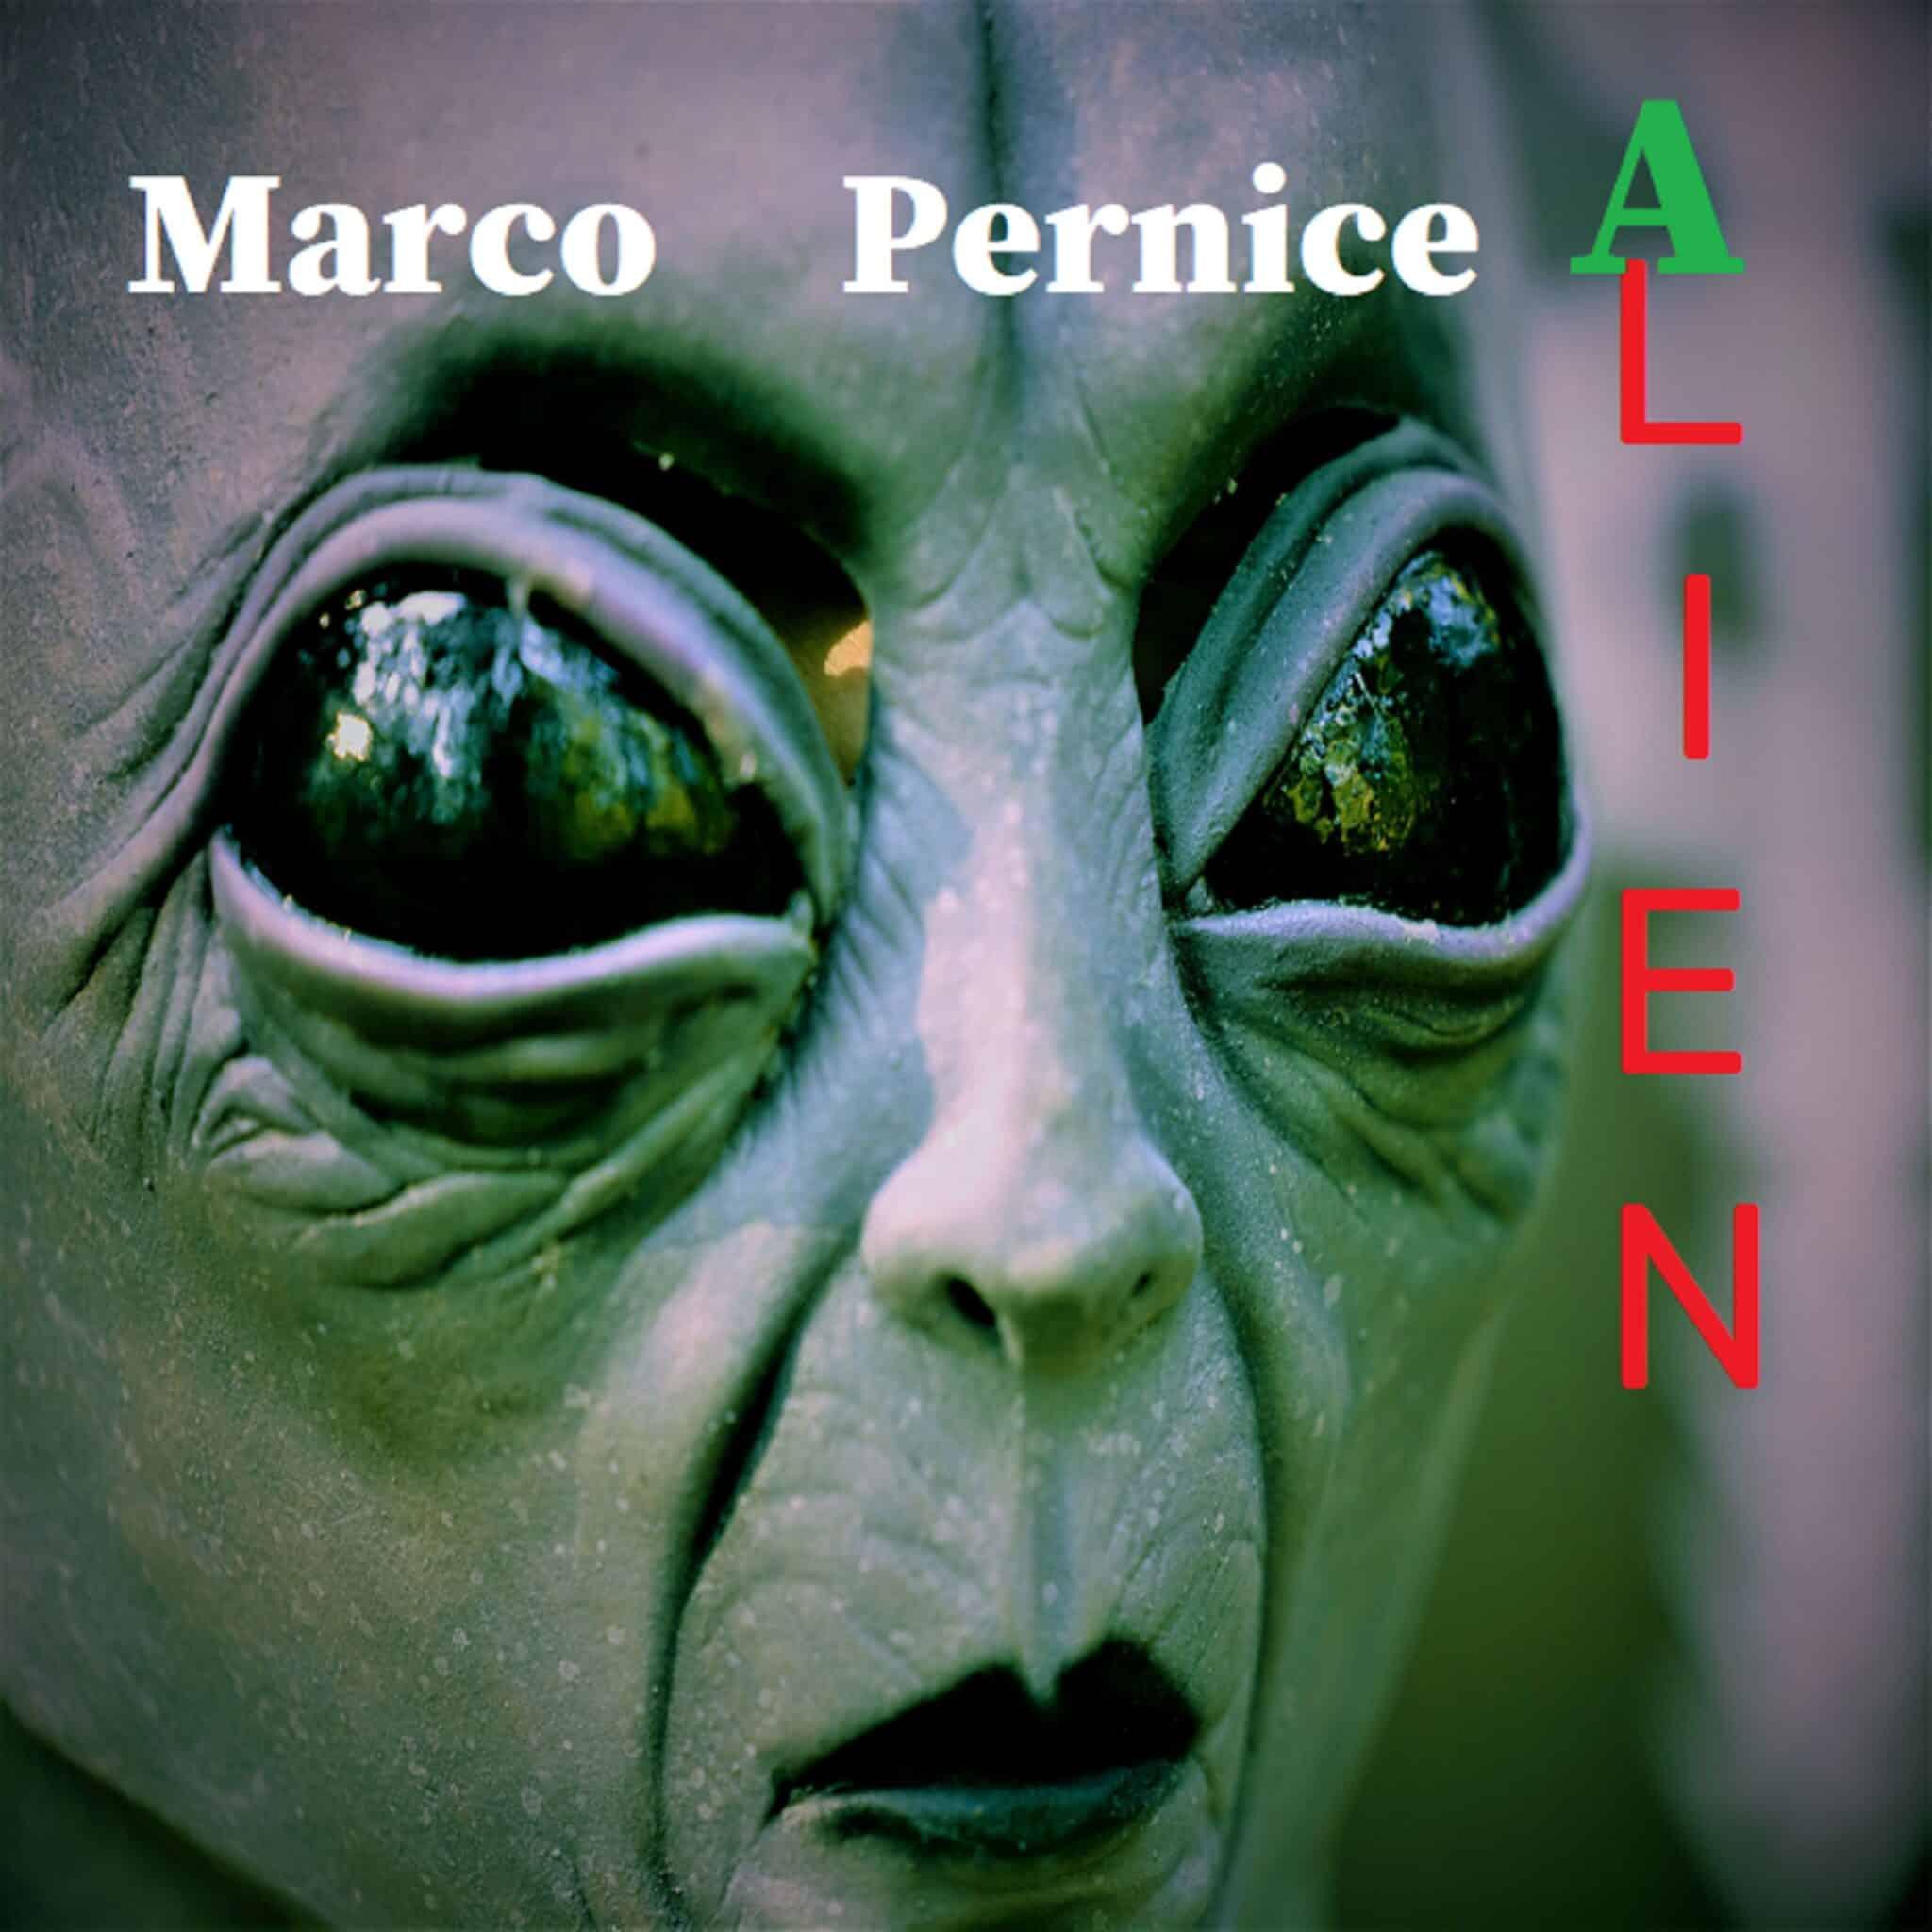 Alien Single Marco Pernice